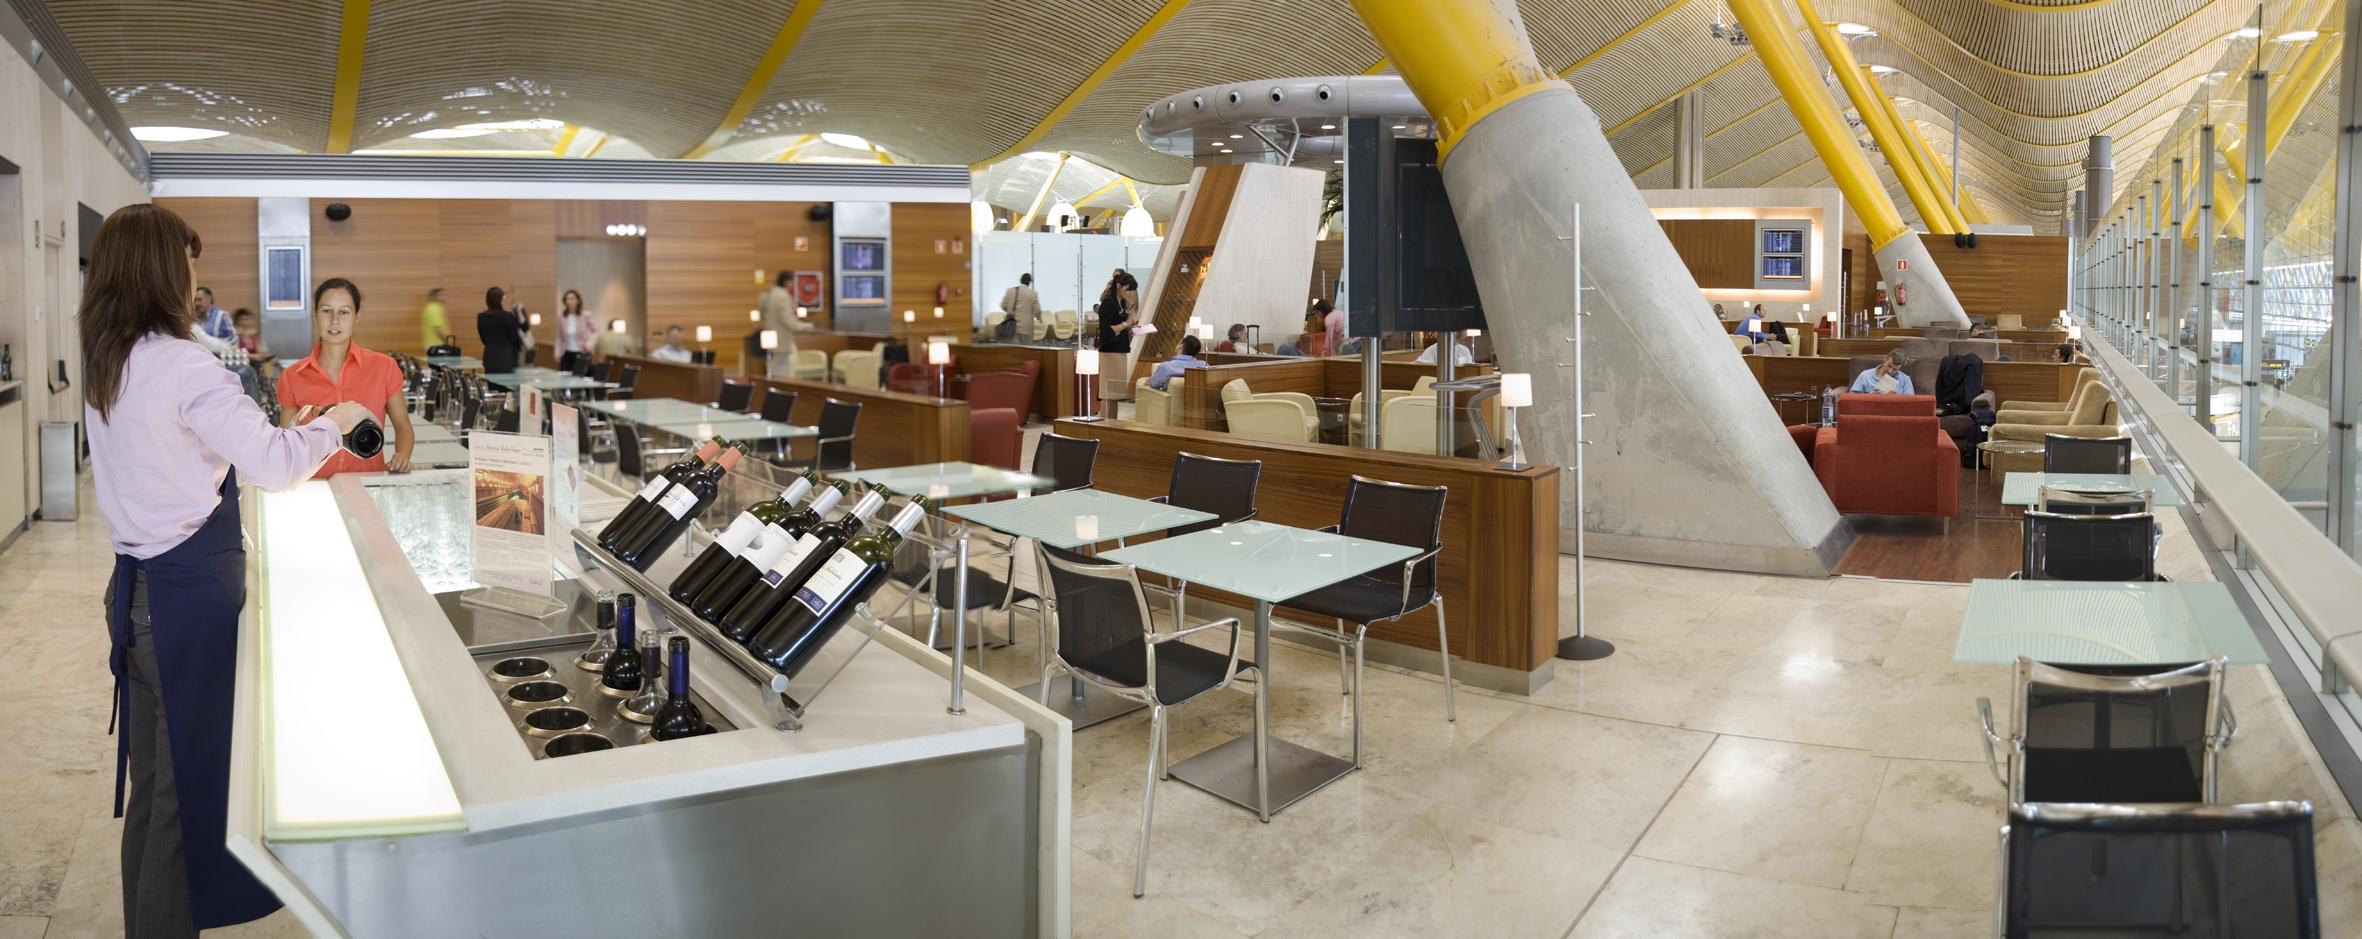 Airport Lounge Wikipedia